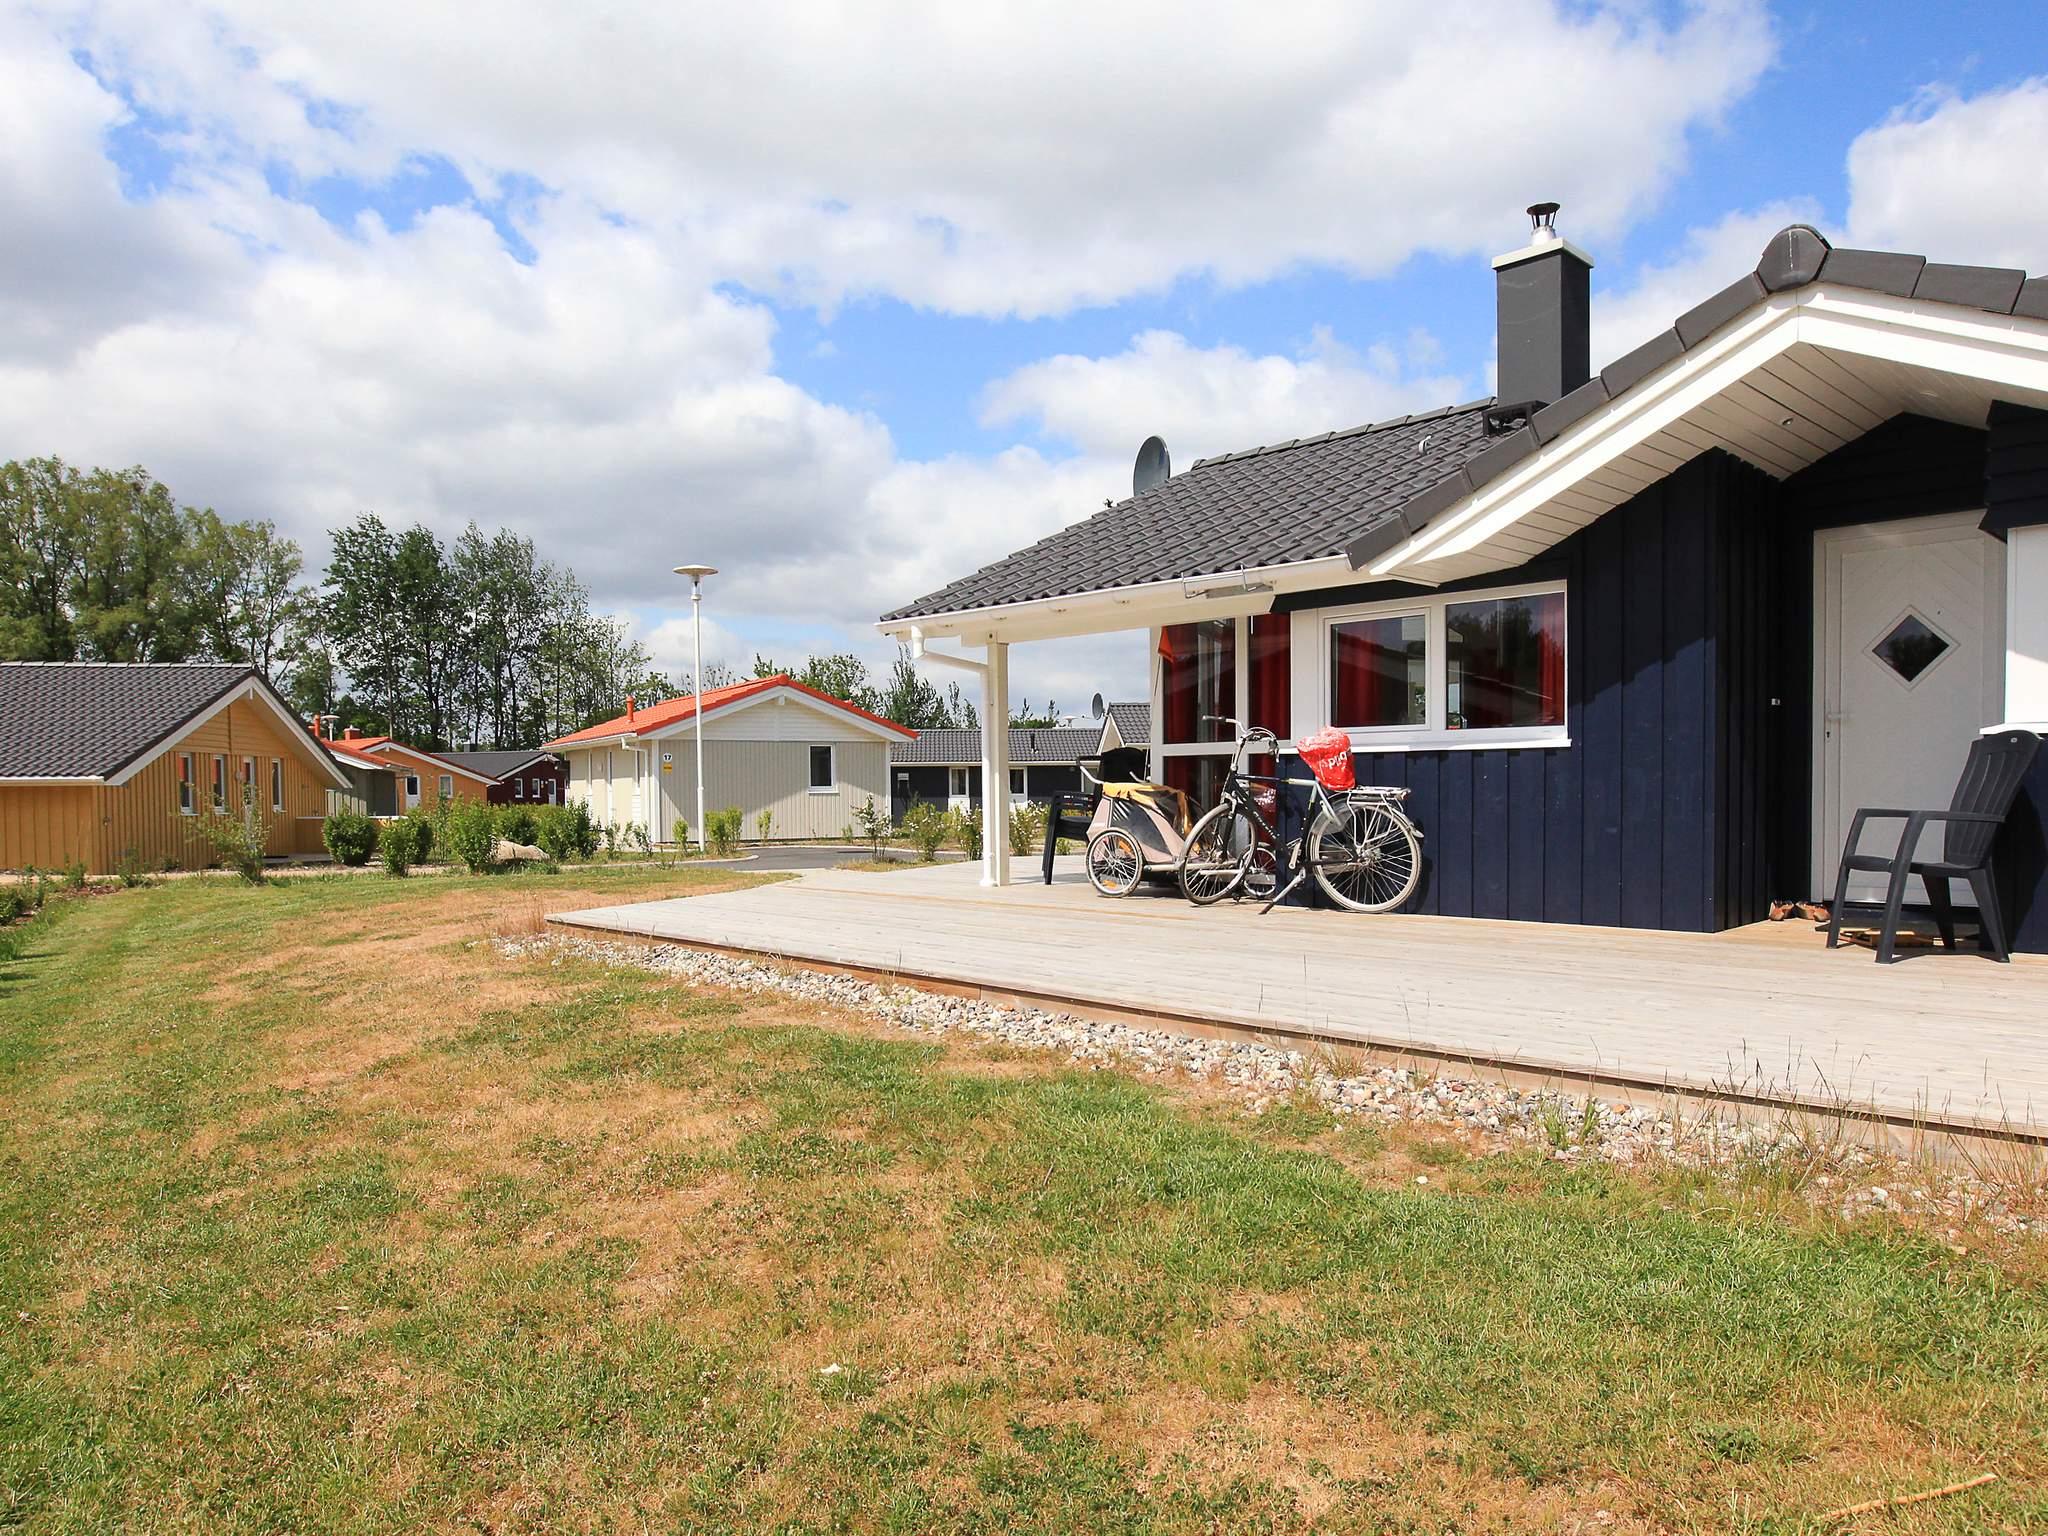 Maison de vacances Grömitz (433402), Grömitz, Baie de Lübeck, Schleswig-Holstein, Allemagne, image 12